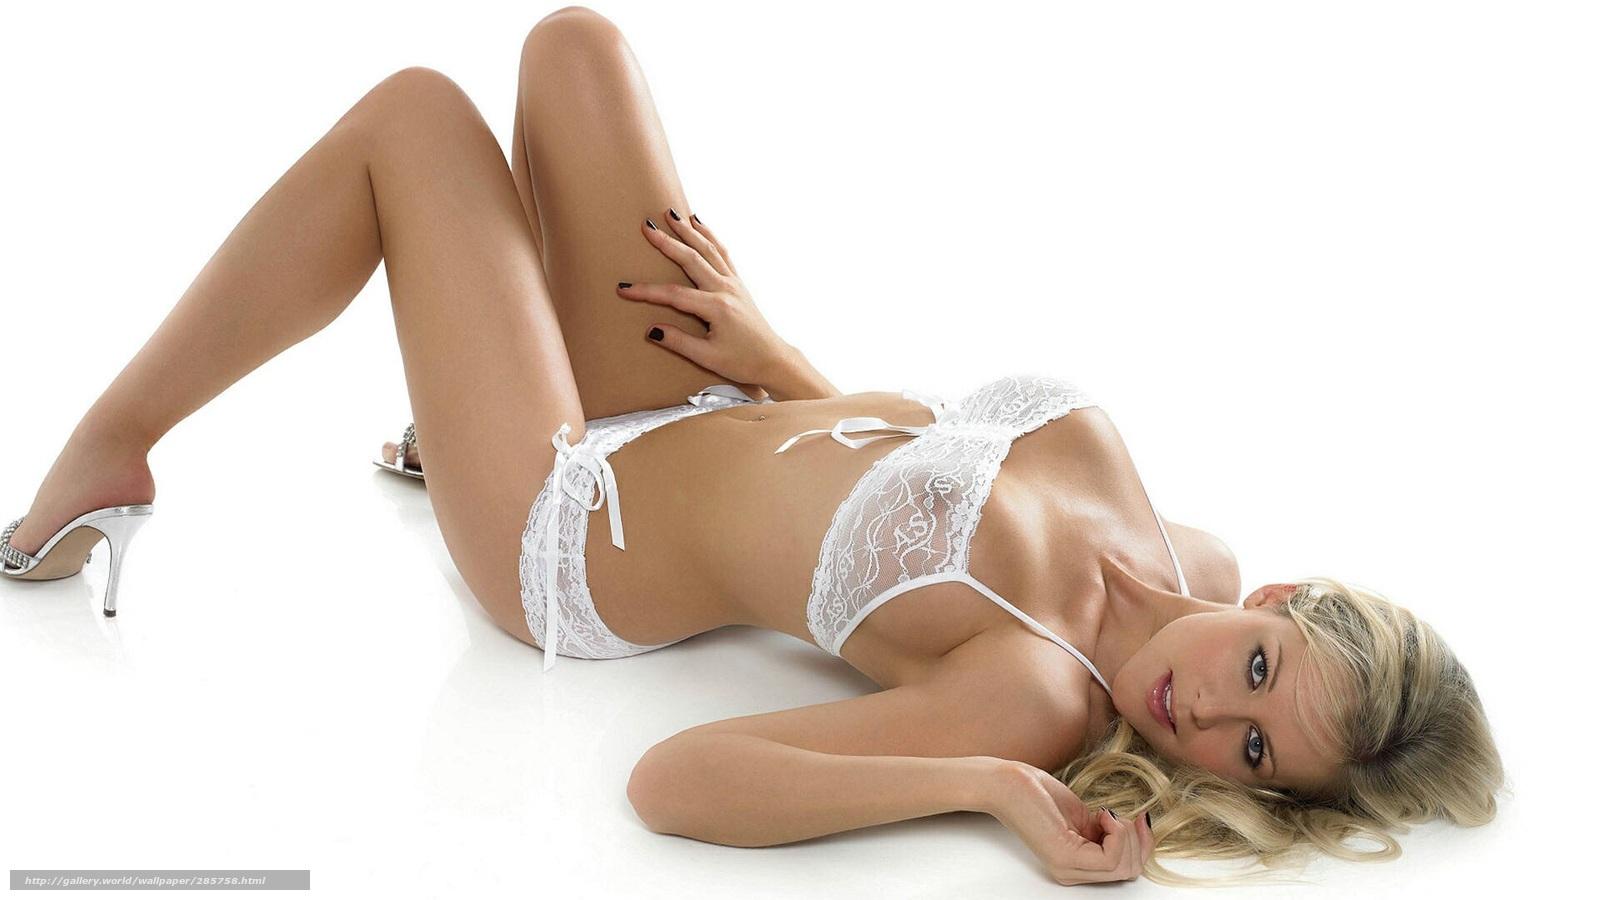 Сескуальная девушка в колготках онлайн 18 фотография